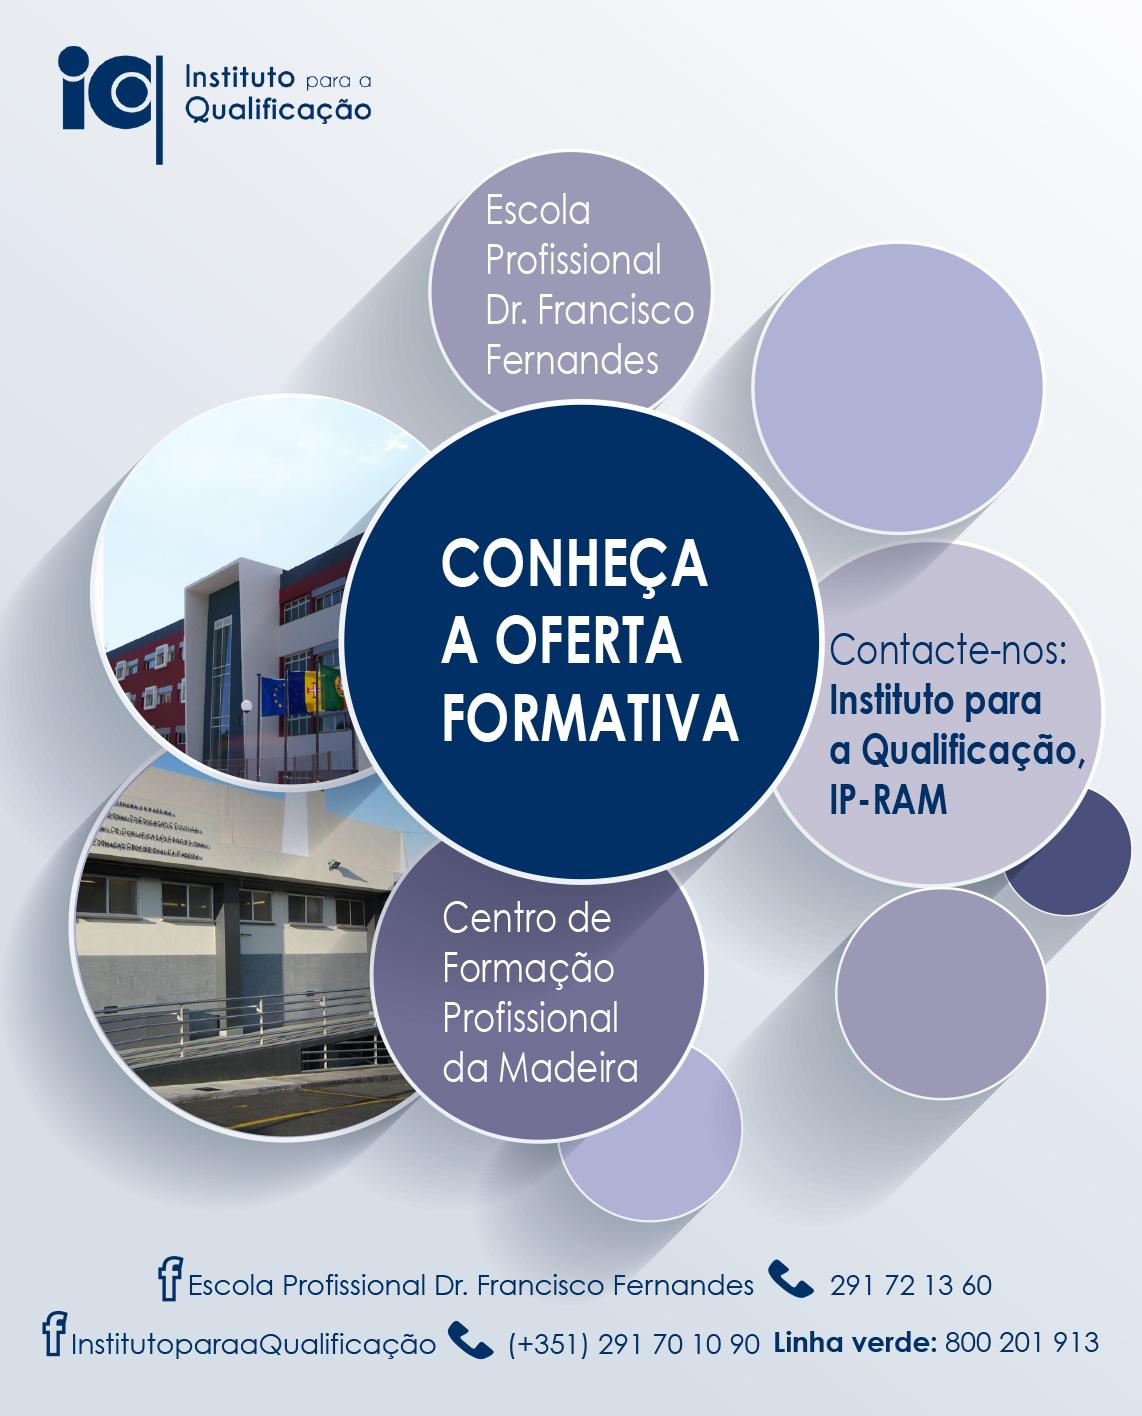 Escola Profissional Dr. Francisco Fernandes